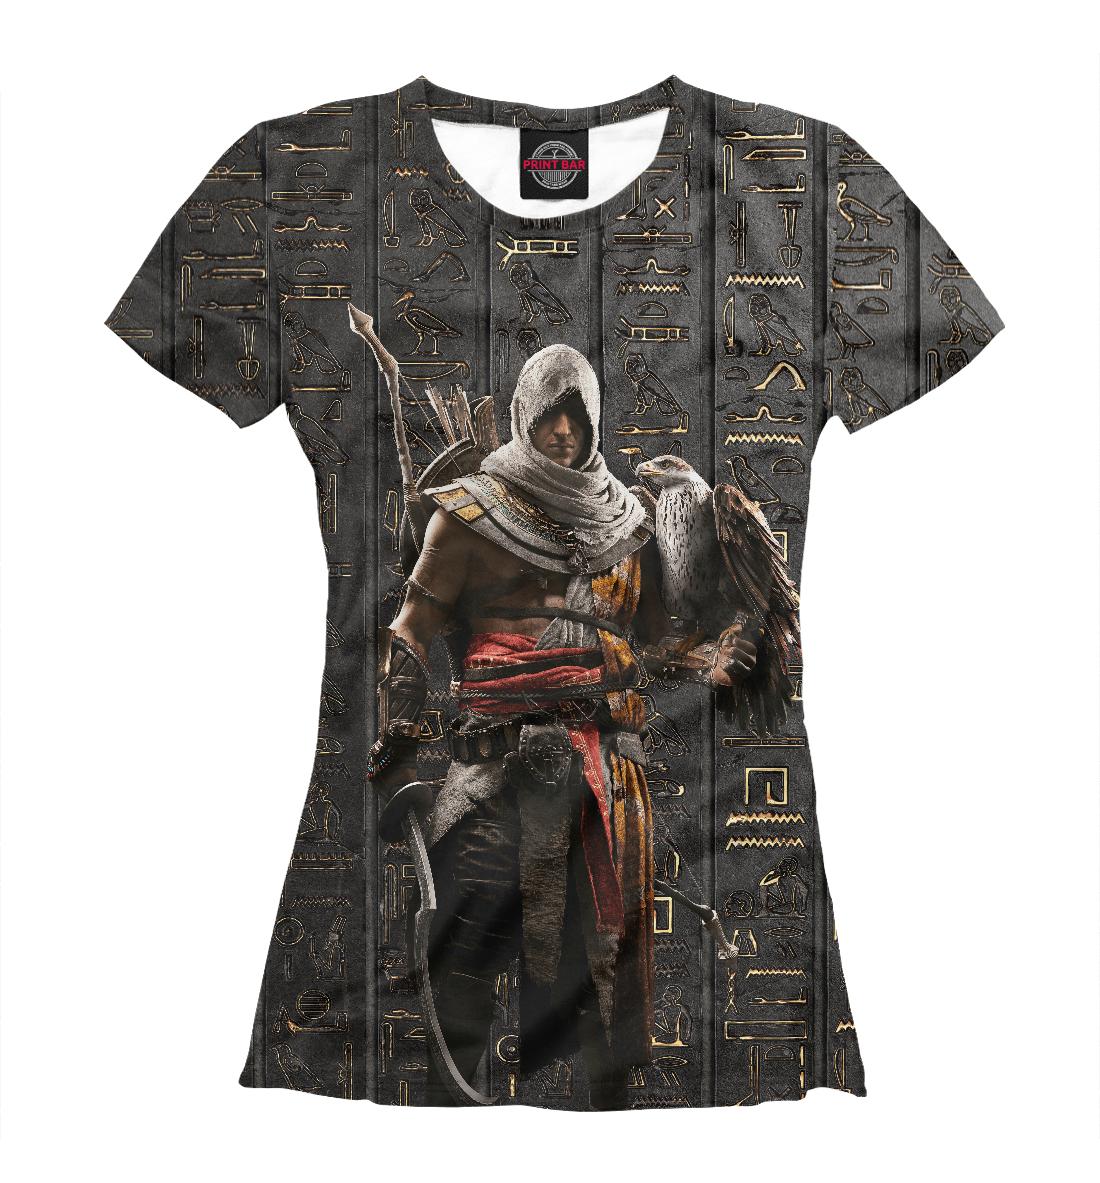 Купить Assassin's Creed Origins, Printbar, Футболки, ANC-546382-fut-1